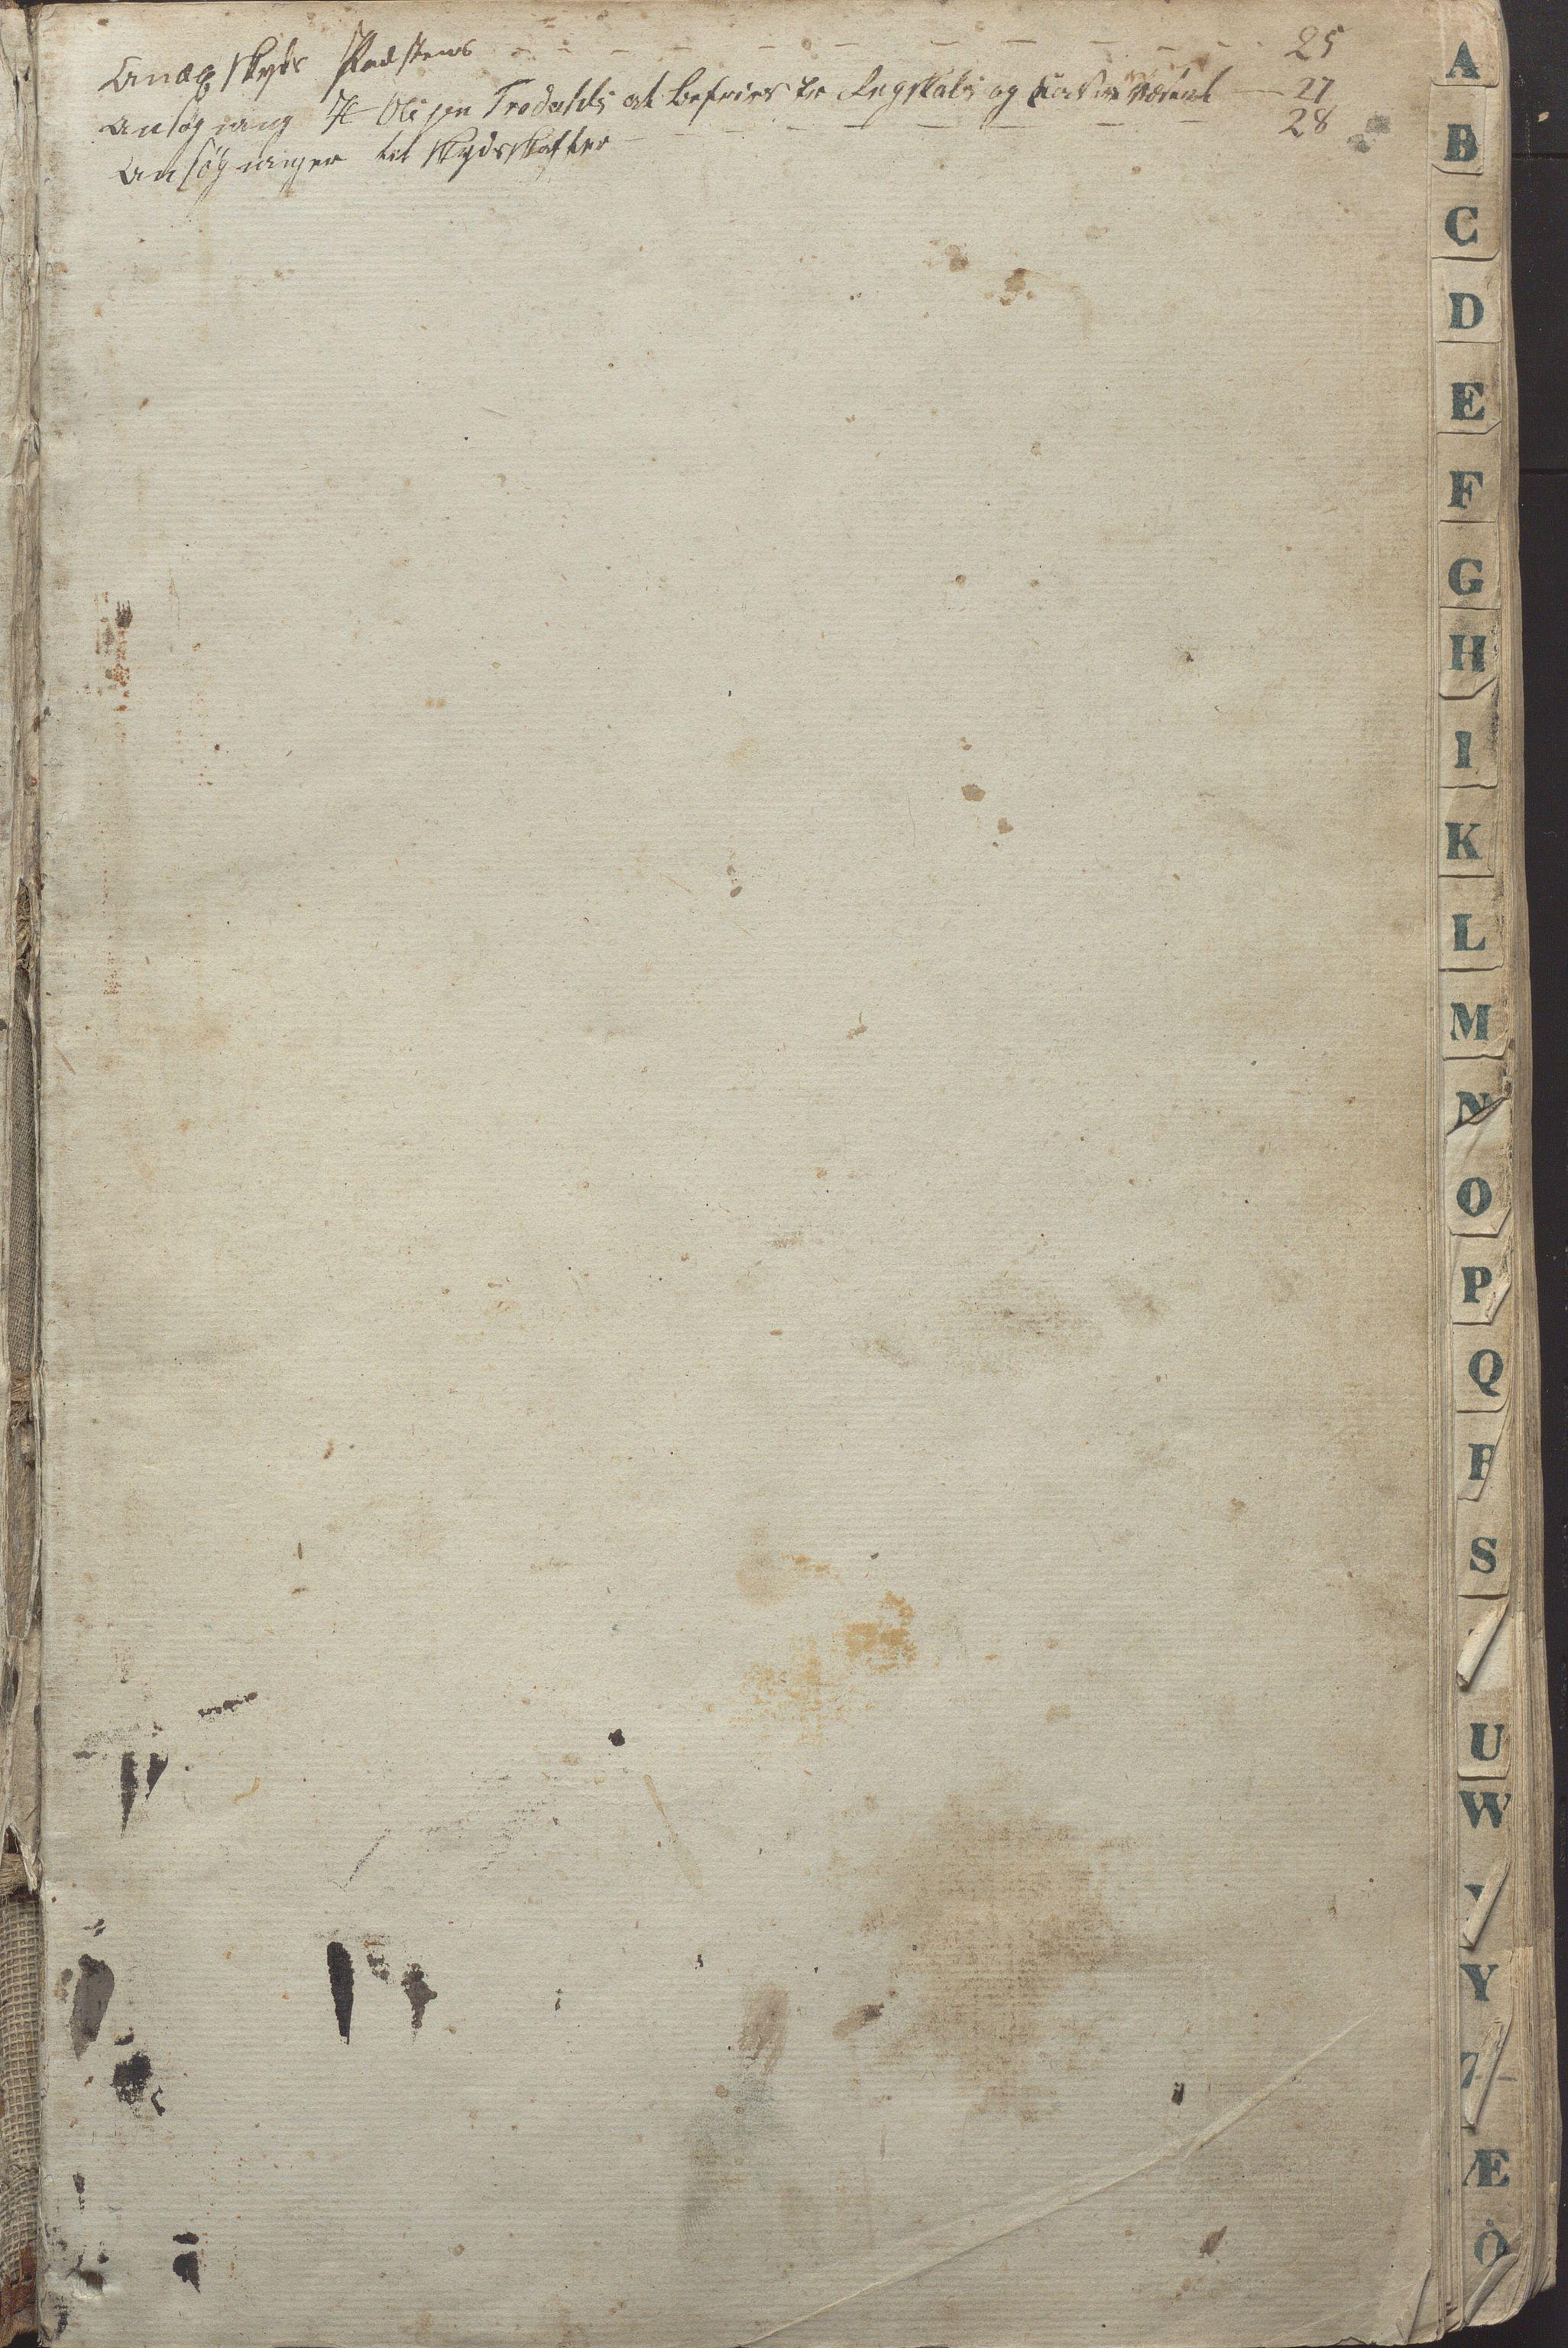 IKAR, Strand kommune - Formannskapet/Rådmannskontoret, A/Aa/L0001: Møtebok, 1837-1888